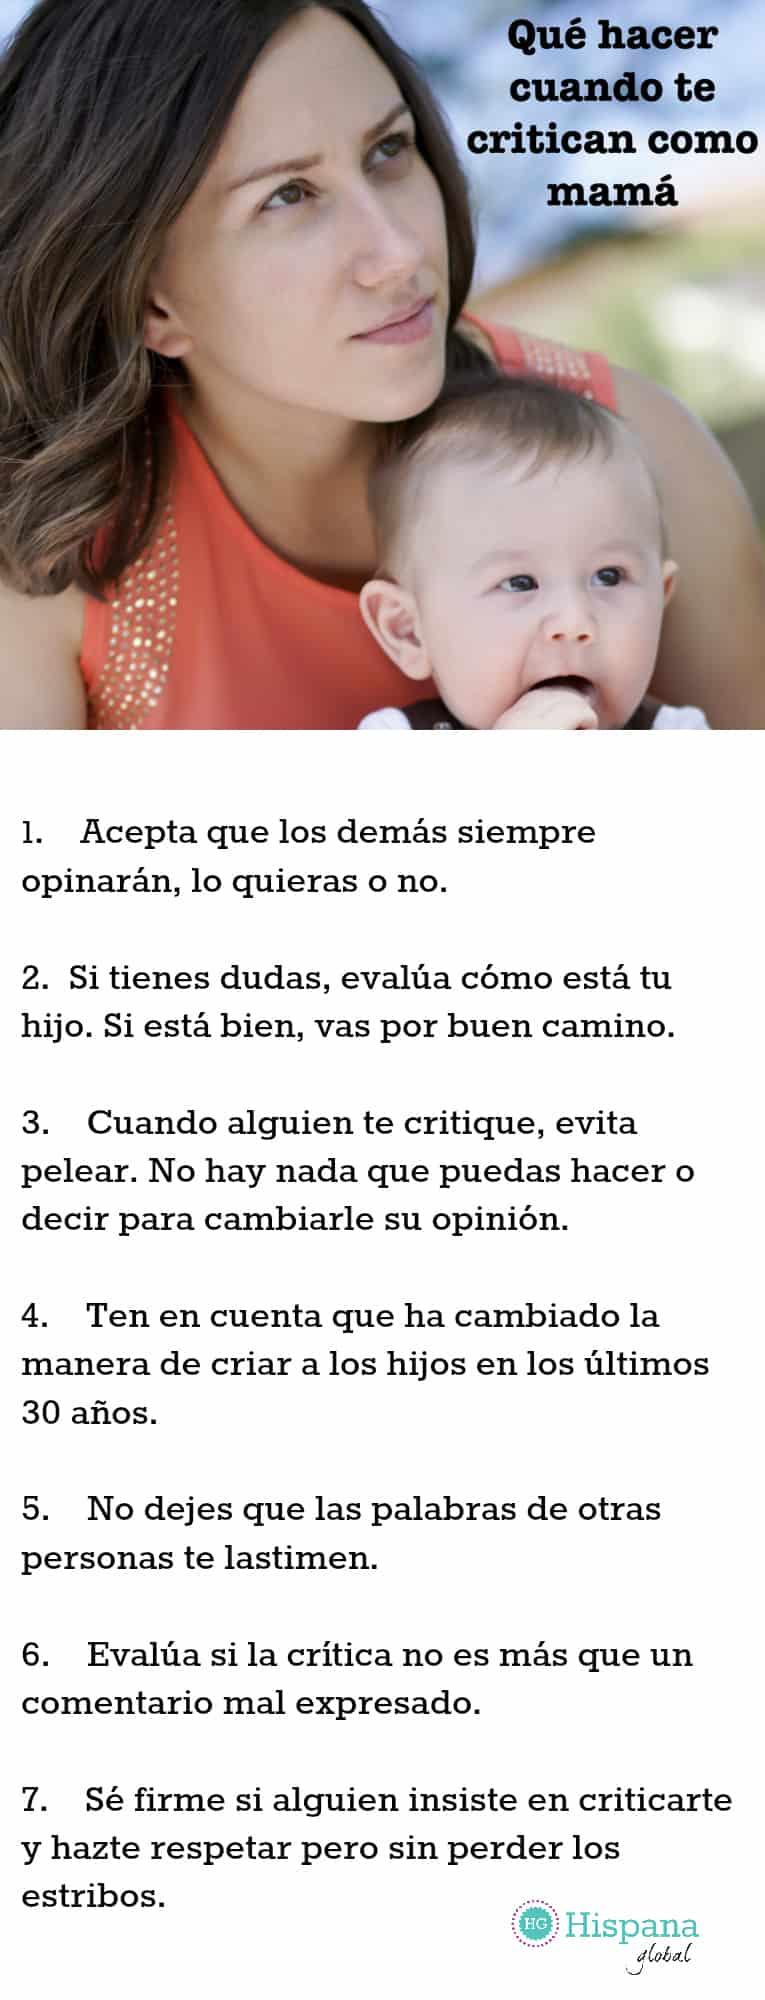 Qué hacer cuando te critican como madre